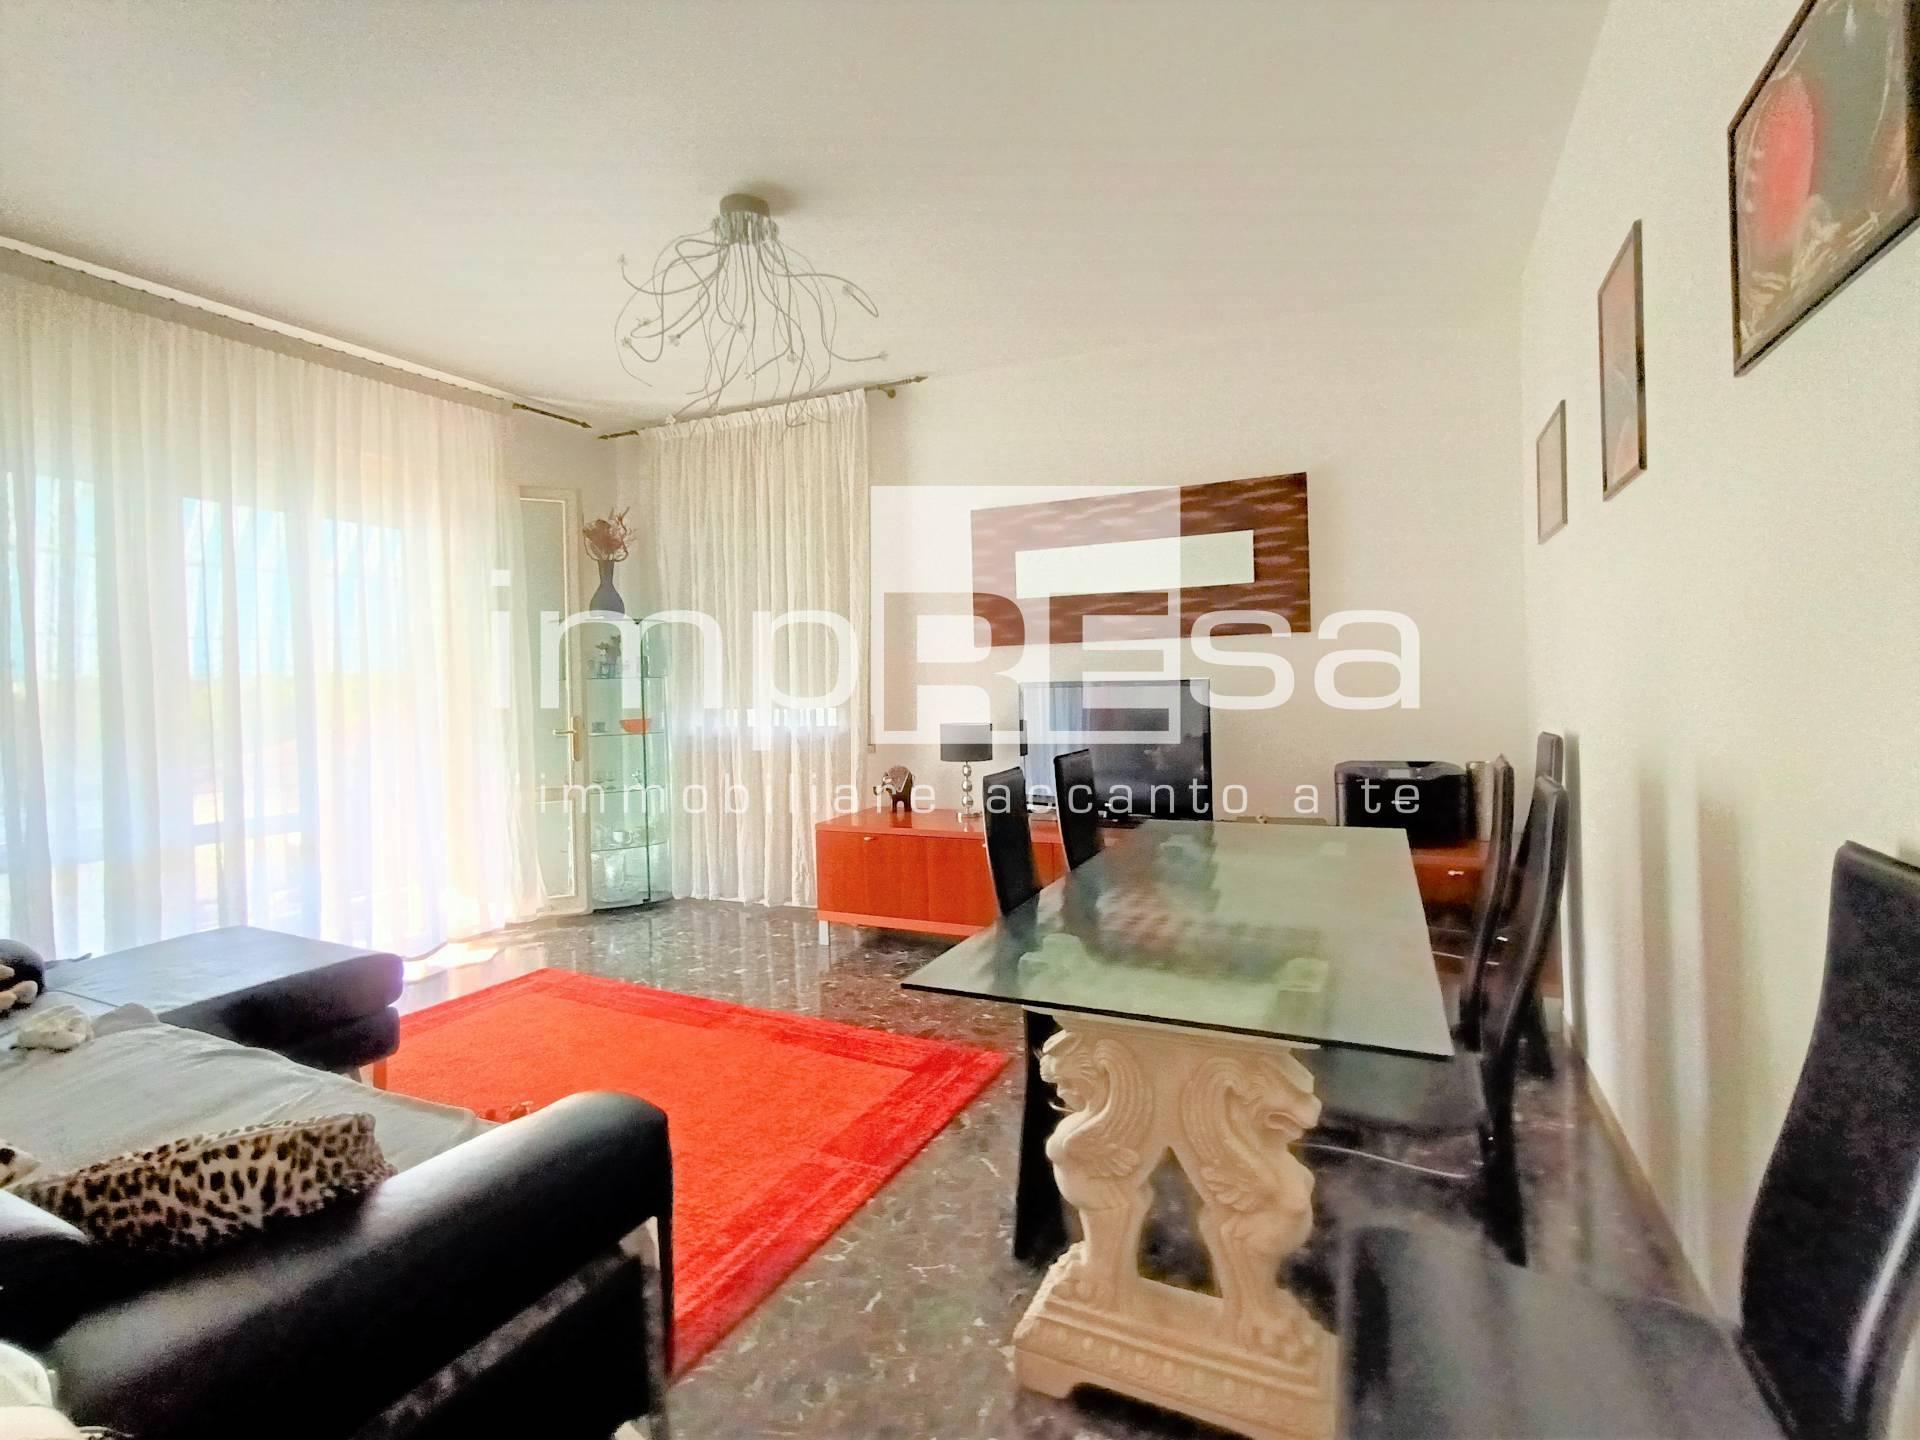 Appartamento in vendita a Mogliano Veneto, 4 locali, prezzo € 140.000 | PortaleAgenzieImmobiliari.it